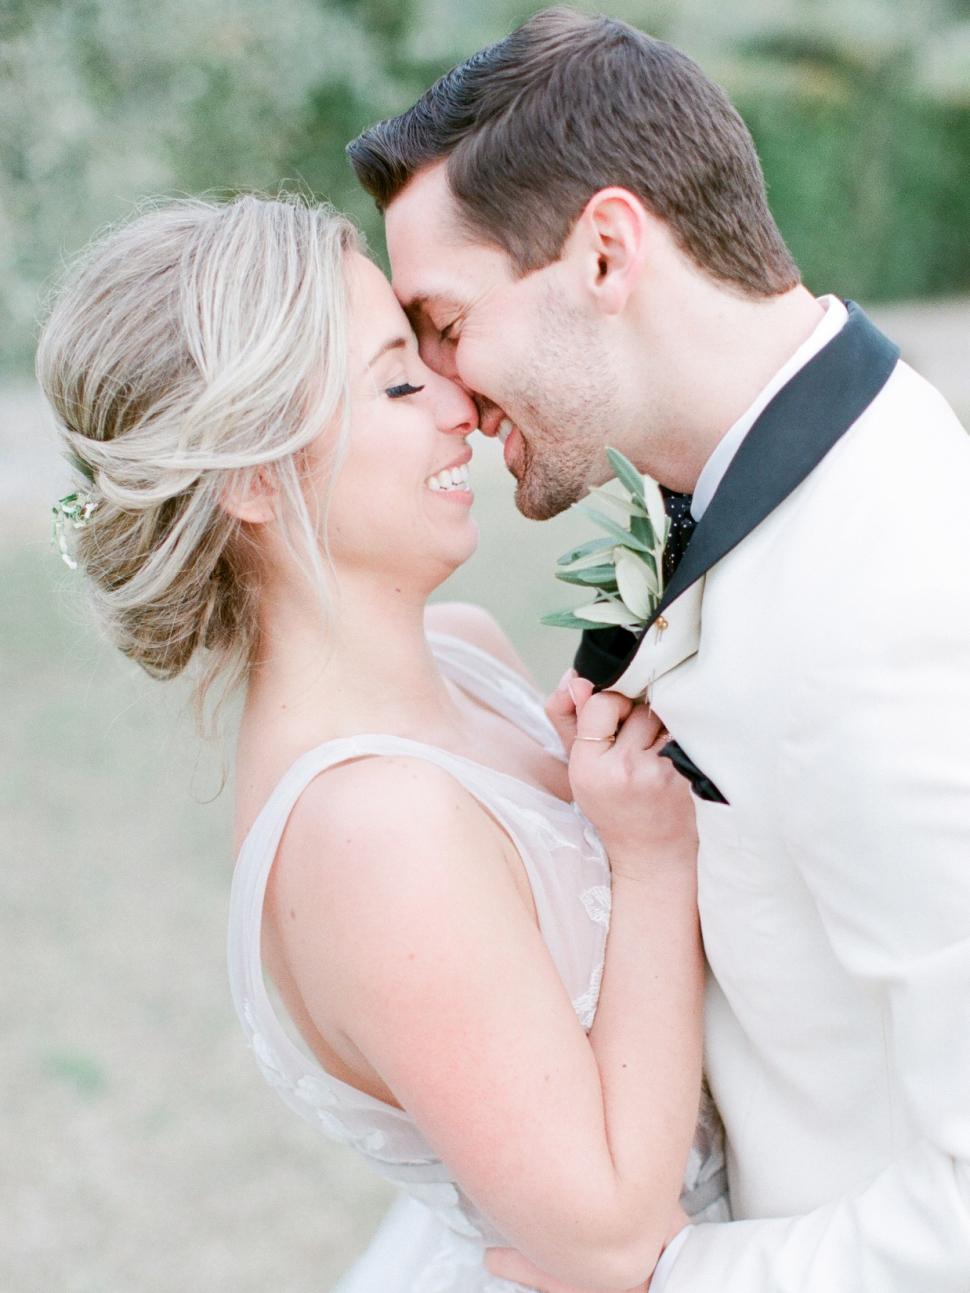 Tuscany-Destination-Wedding-Photographer-Cassi-Claire-Borgo-Petrognano-Florence-Wedding-19.jpg